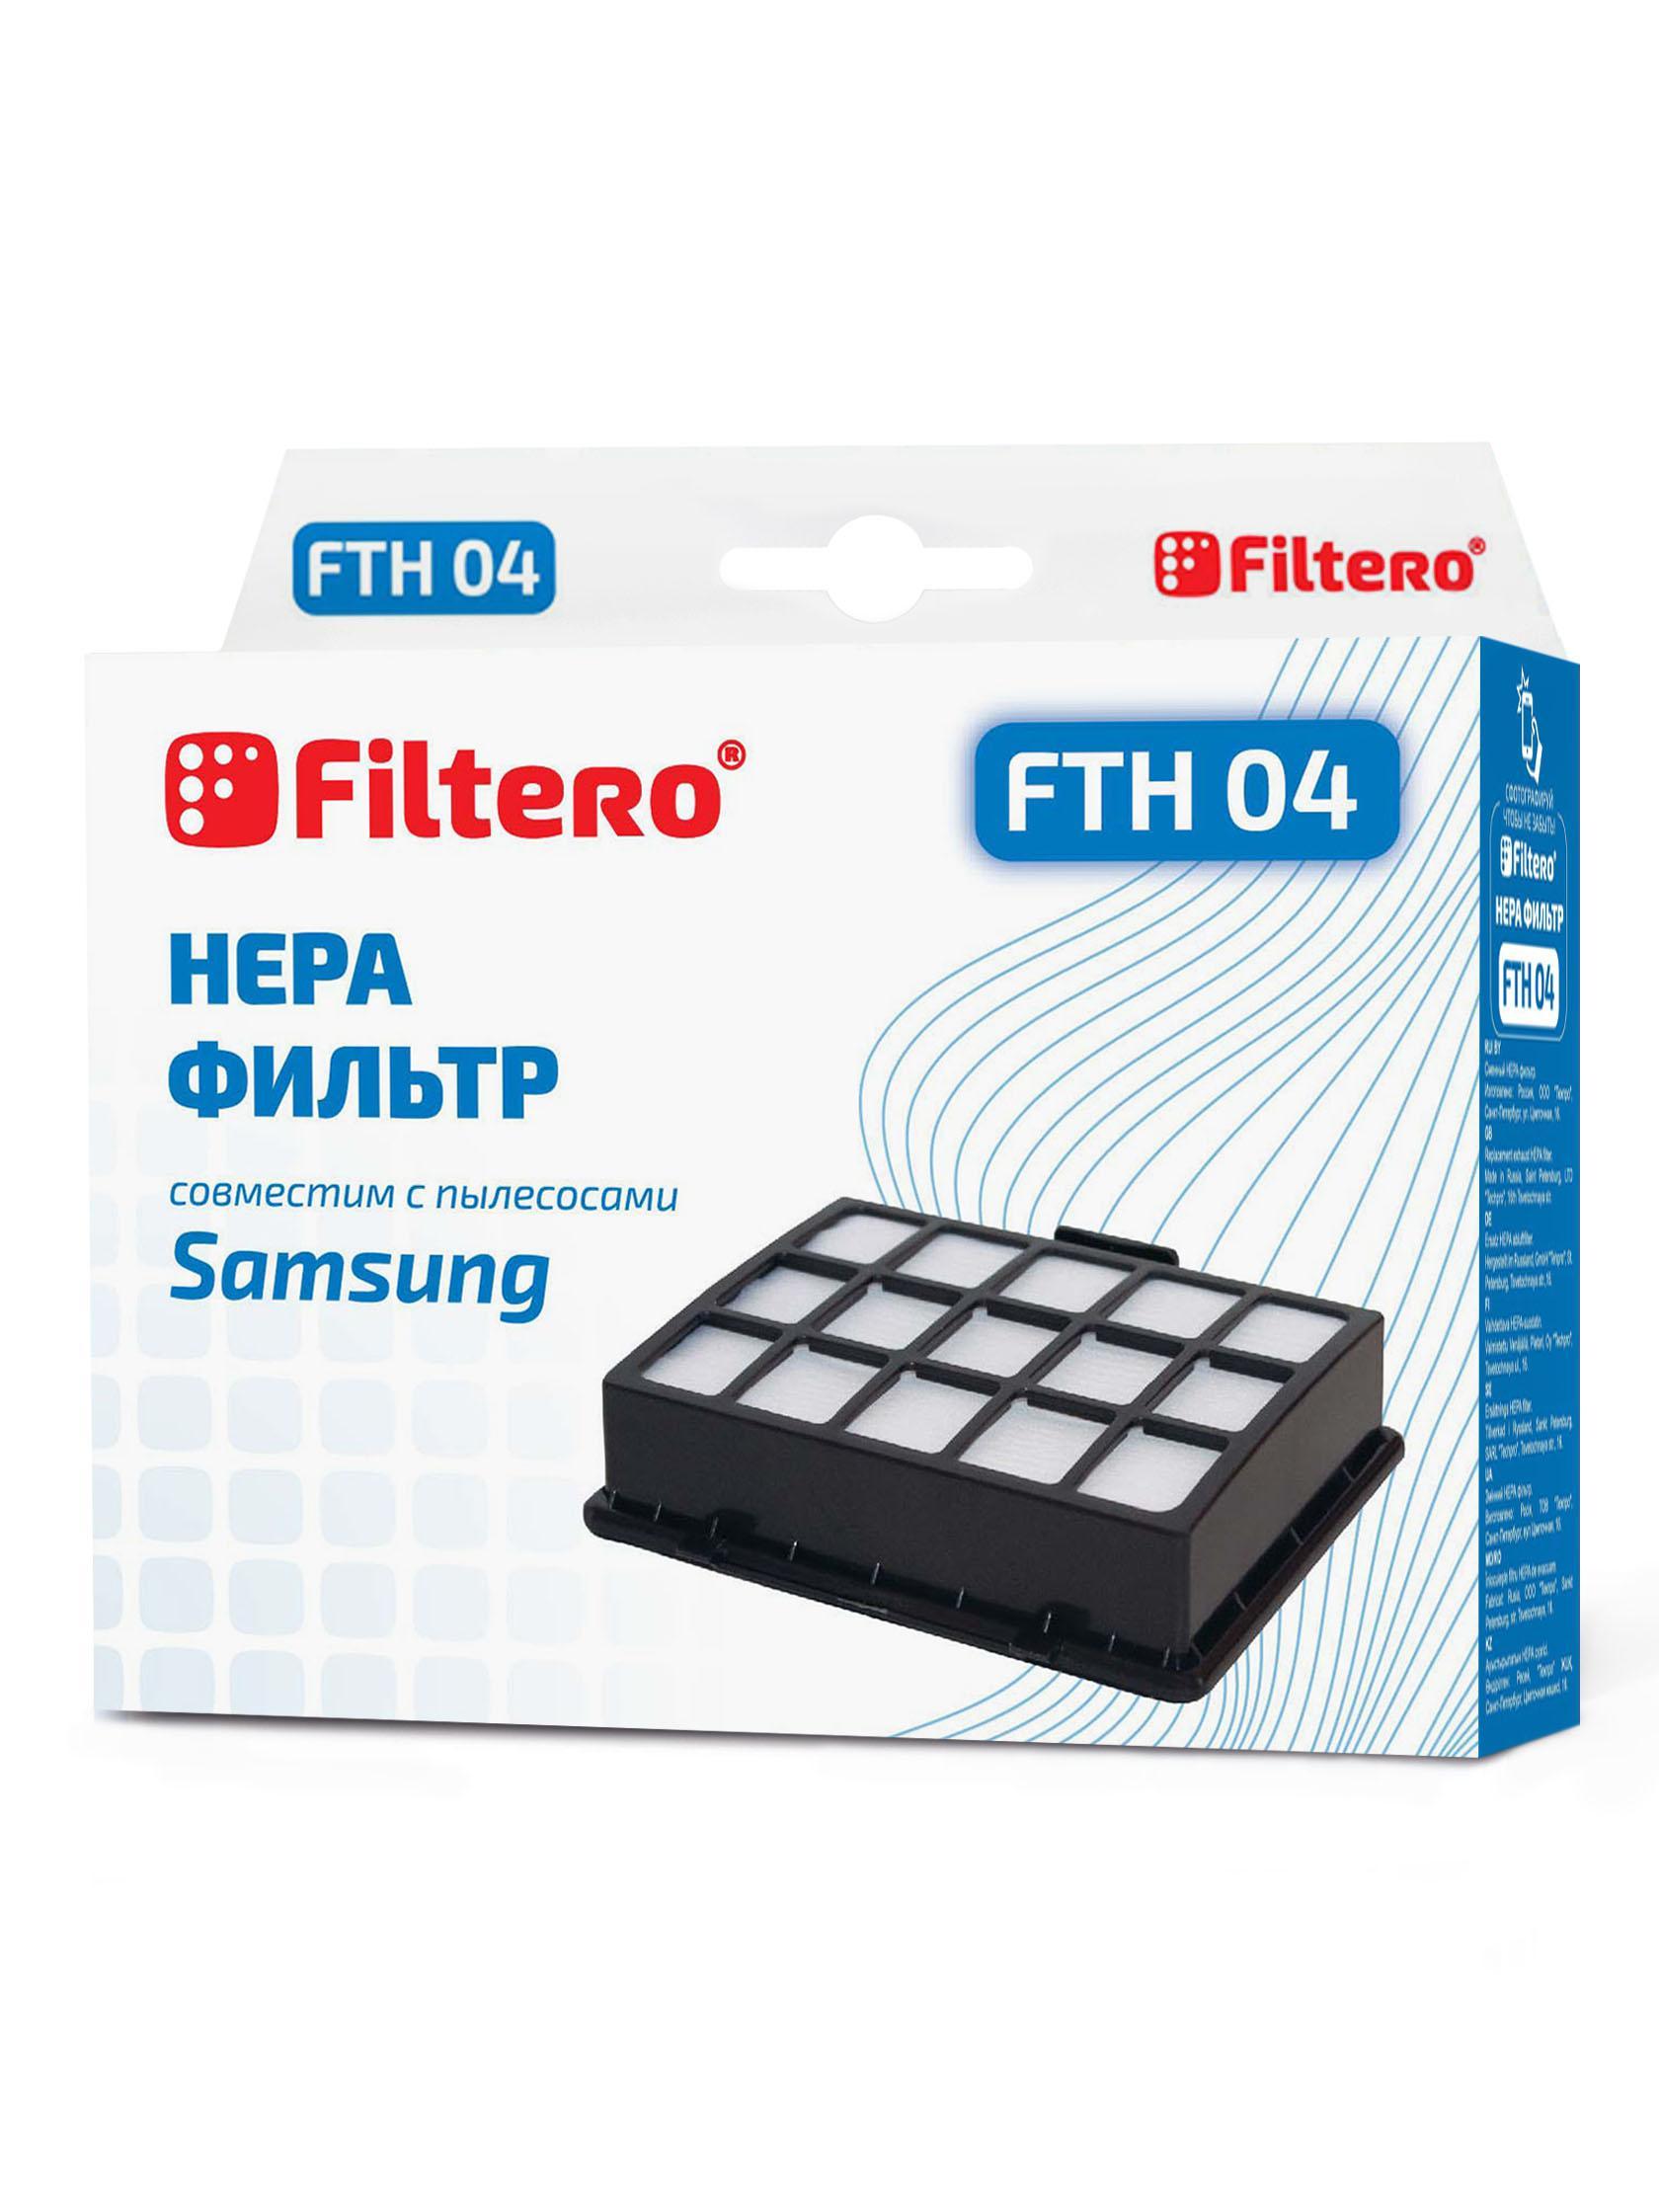 Фильтр Filtero Fth 04 sam фильтр filtero fth 04 sam hepa для samsung